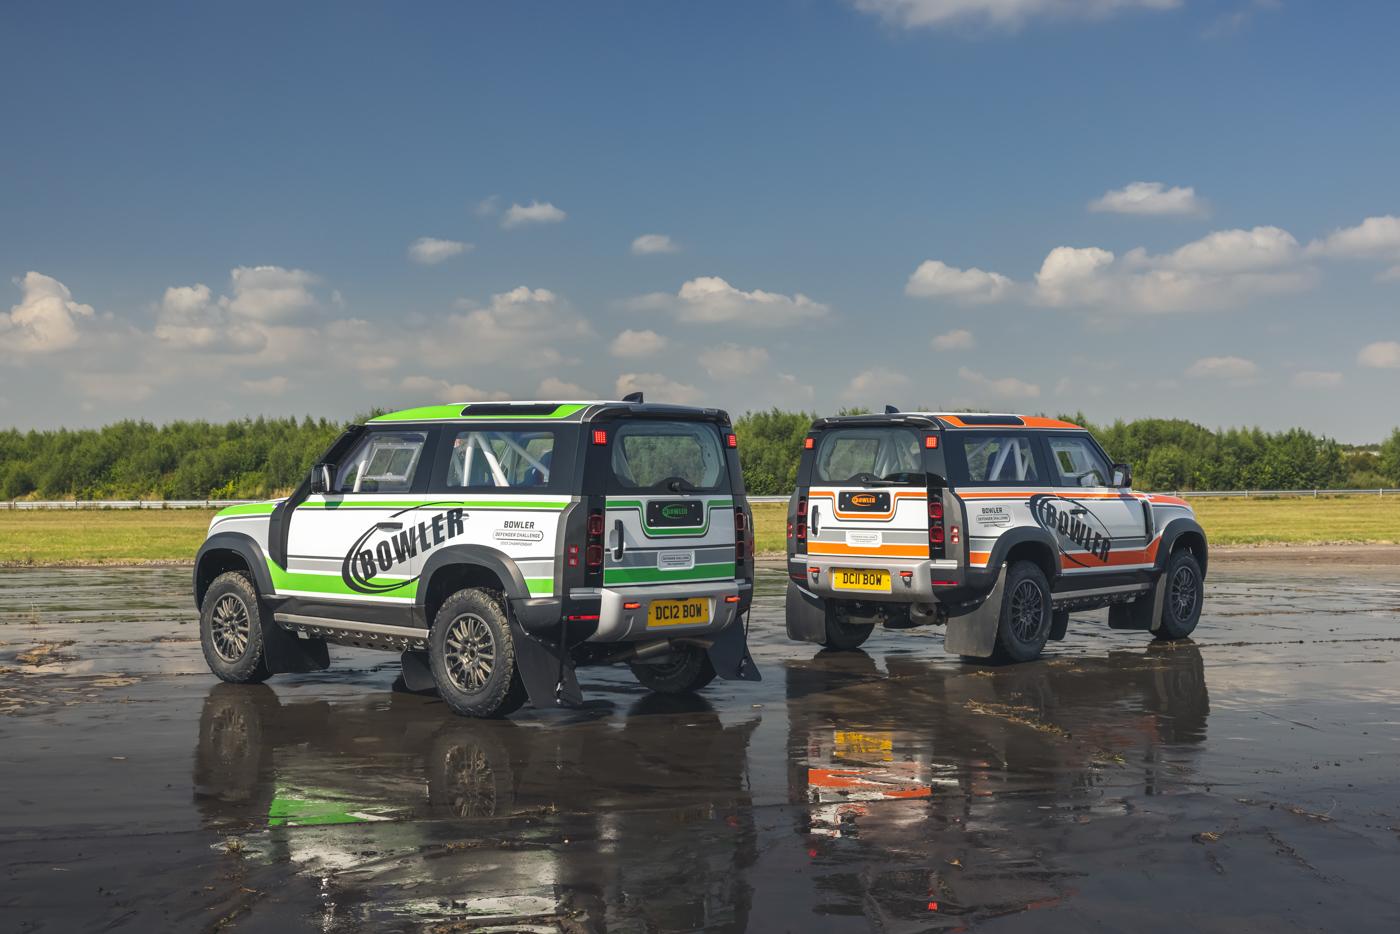 Land-Rover-hợp-tác-cùng-Bowler-ra-mắt-phiên-bản-đua-địa-hình-của-Defender-34.jpg